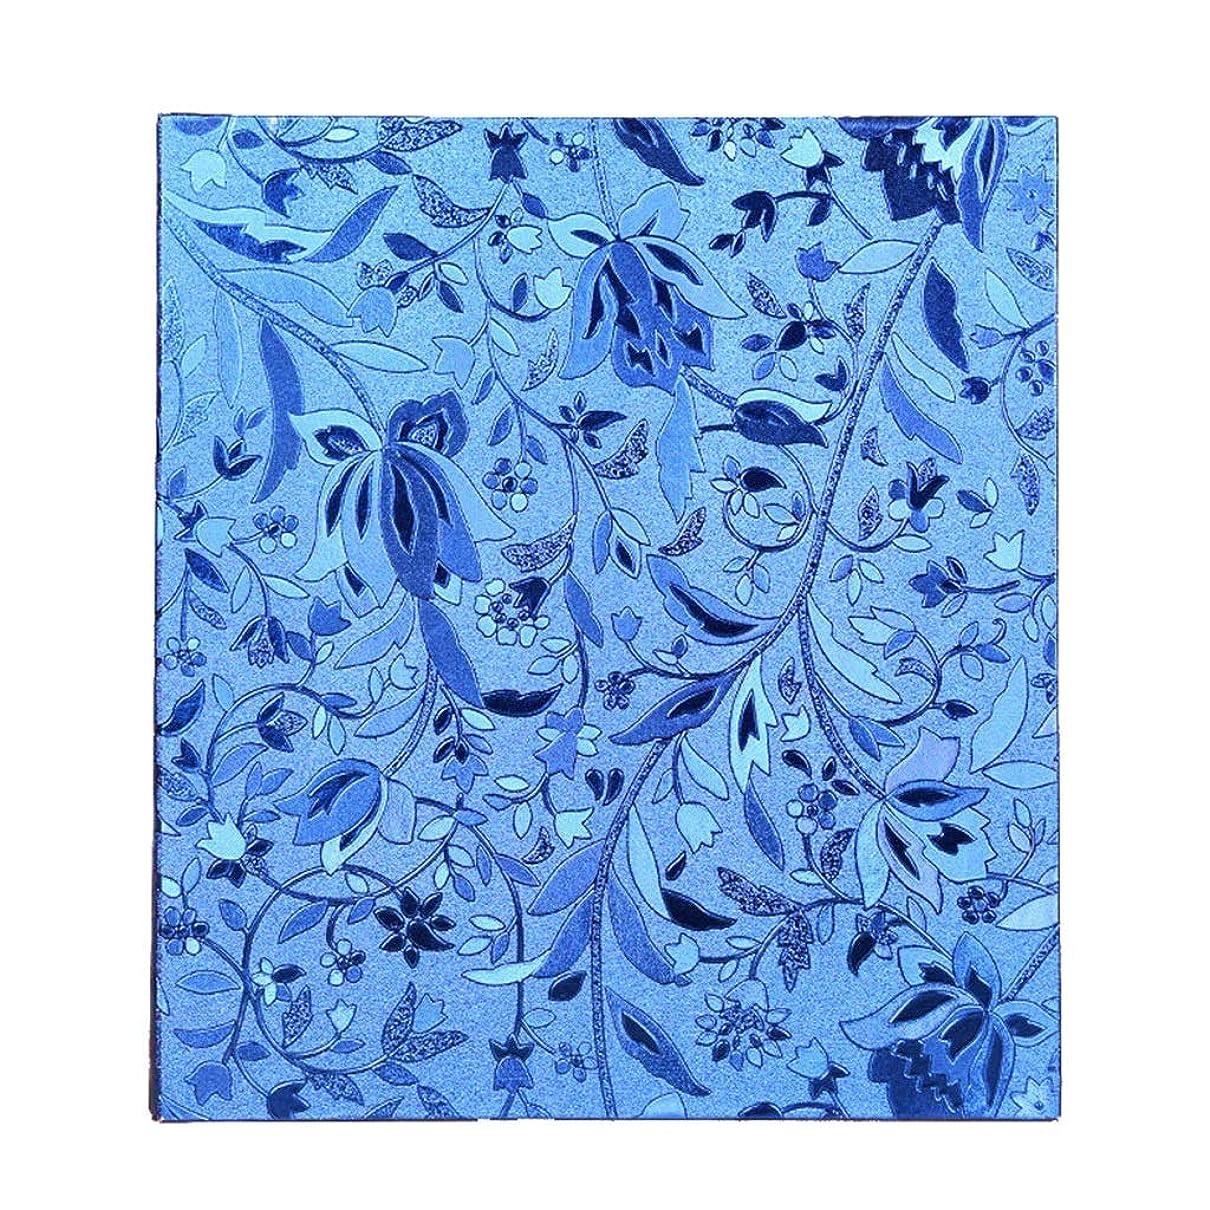 つかの間マナー脊椎記念本- フォトアルバム、7インチの写真で700の5インチと6インチのホールド、青